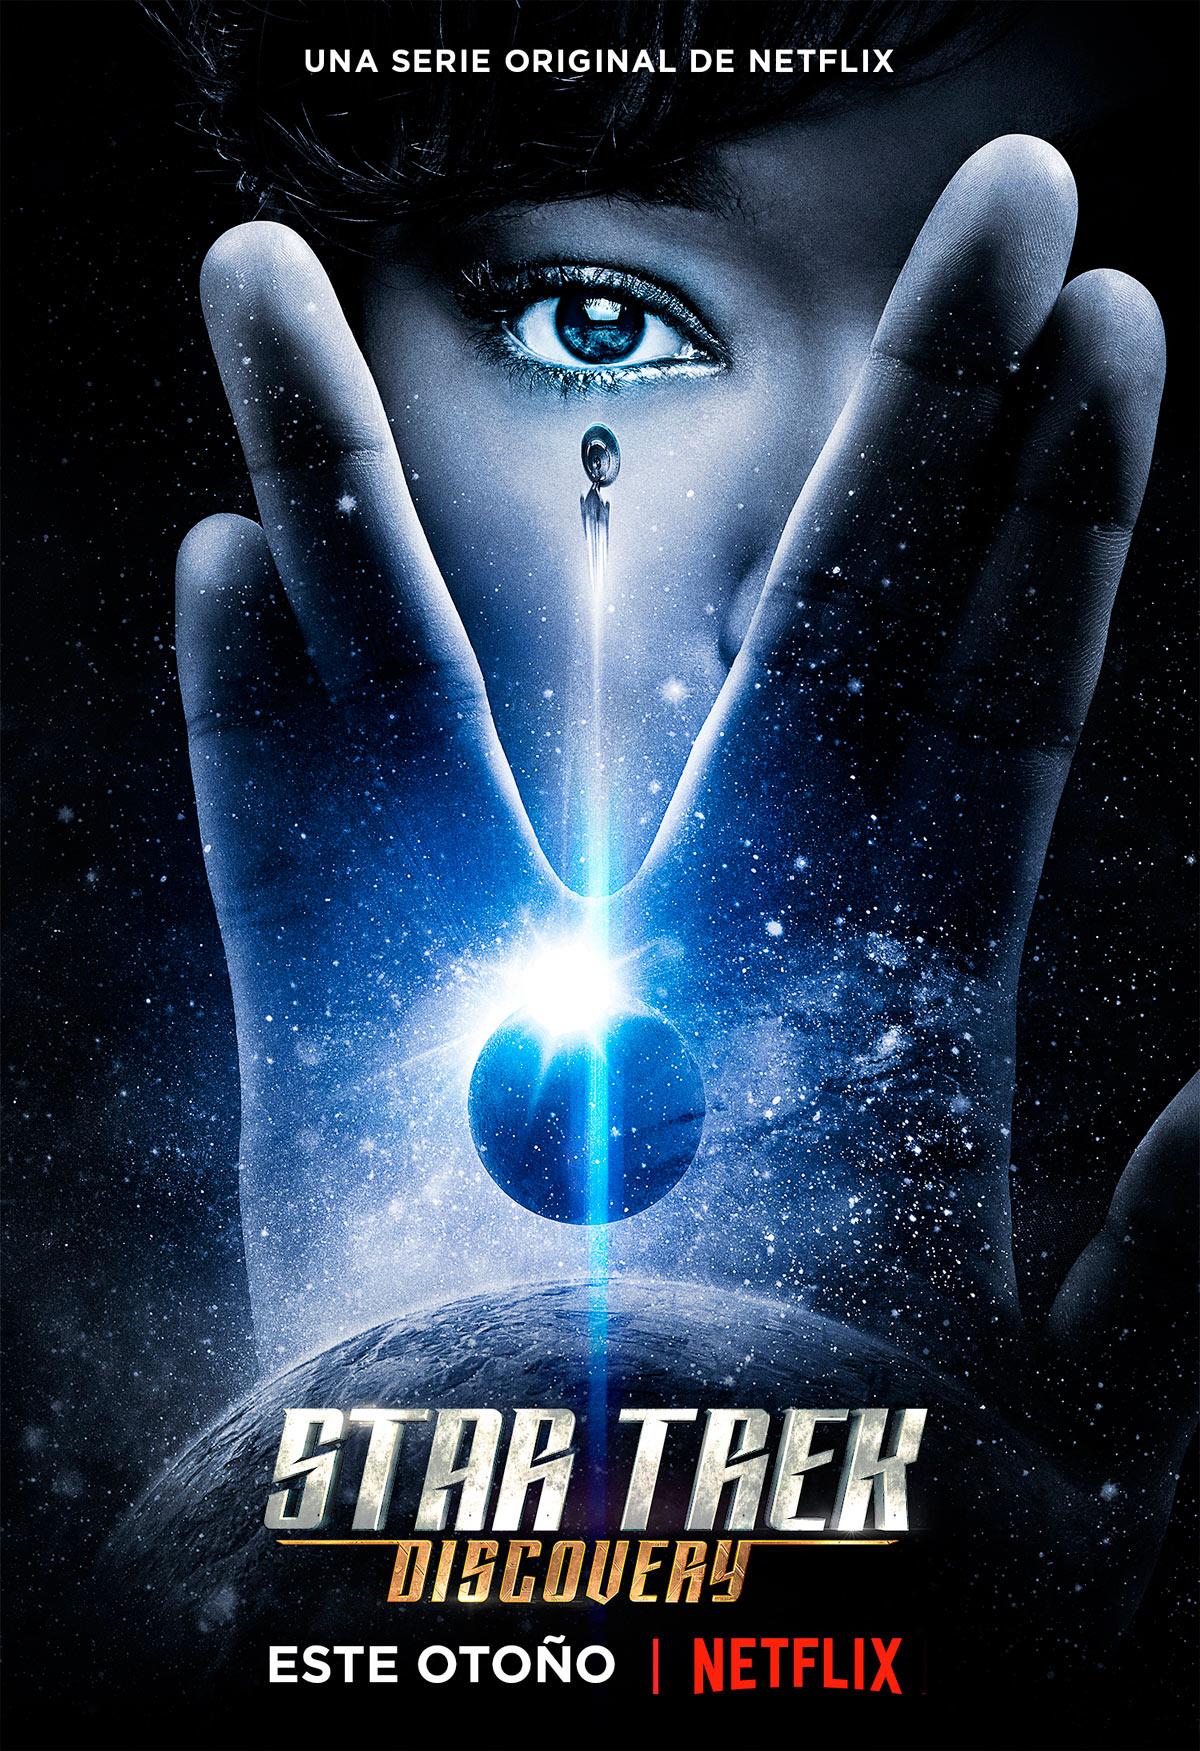 Star Trek: Discovery - Serie 2017 - SensaCine.com